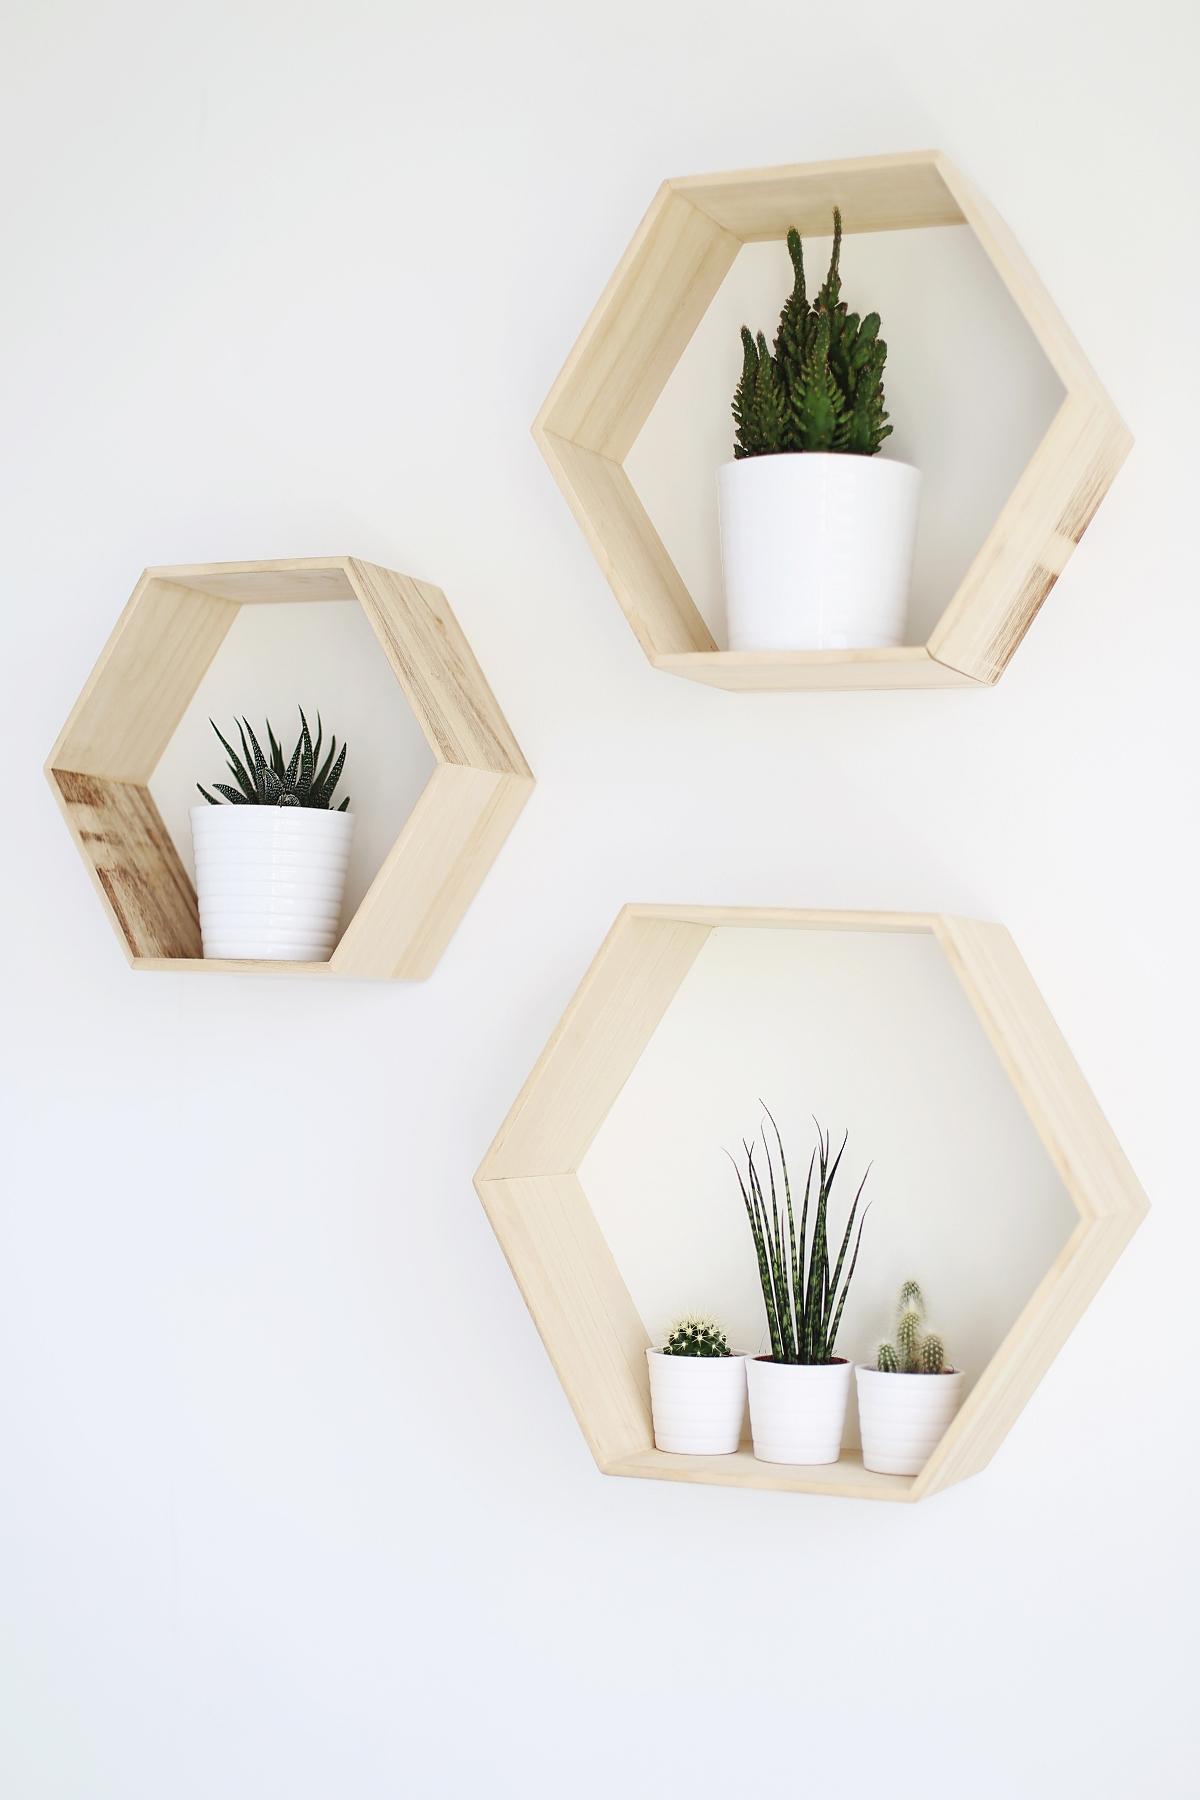 Styl skandynawski: półki w kształcie sześciokątów